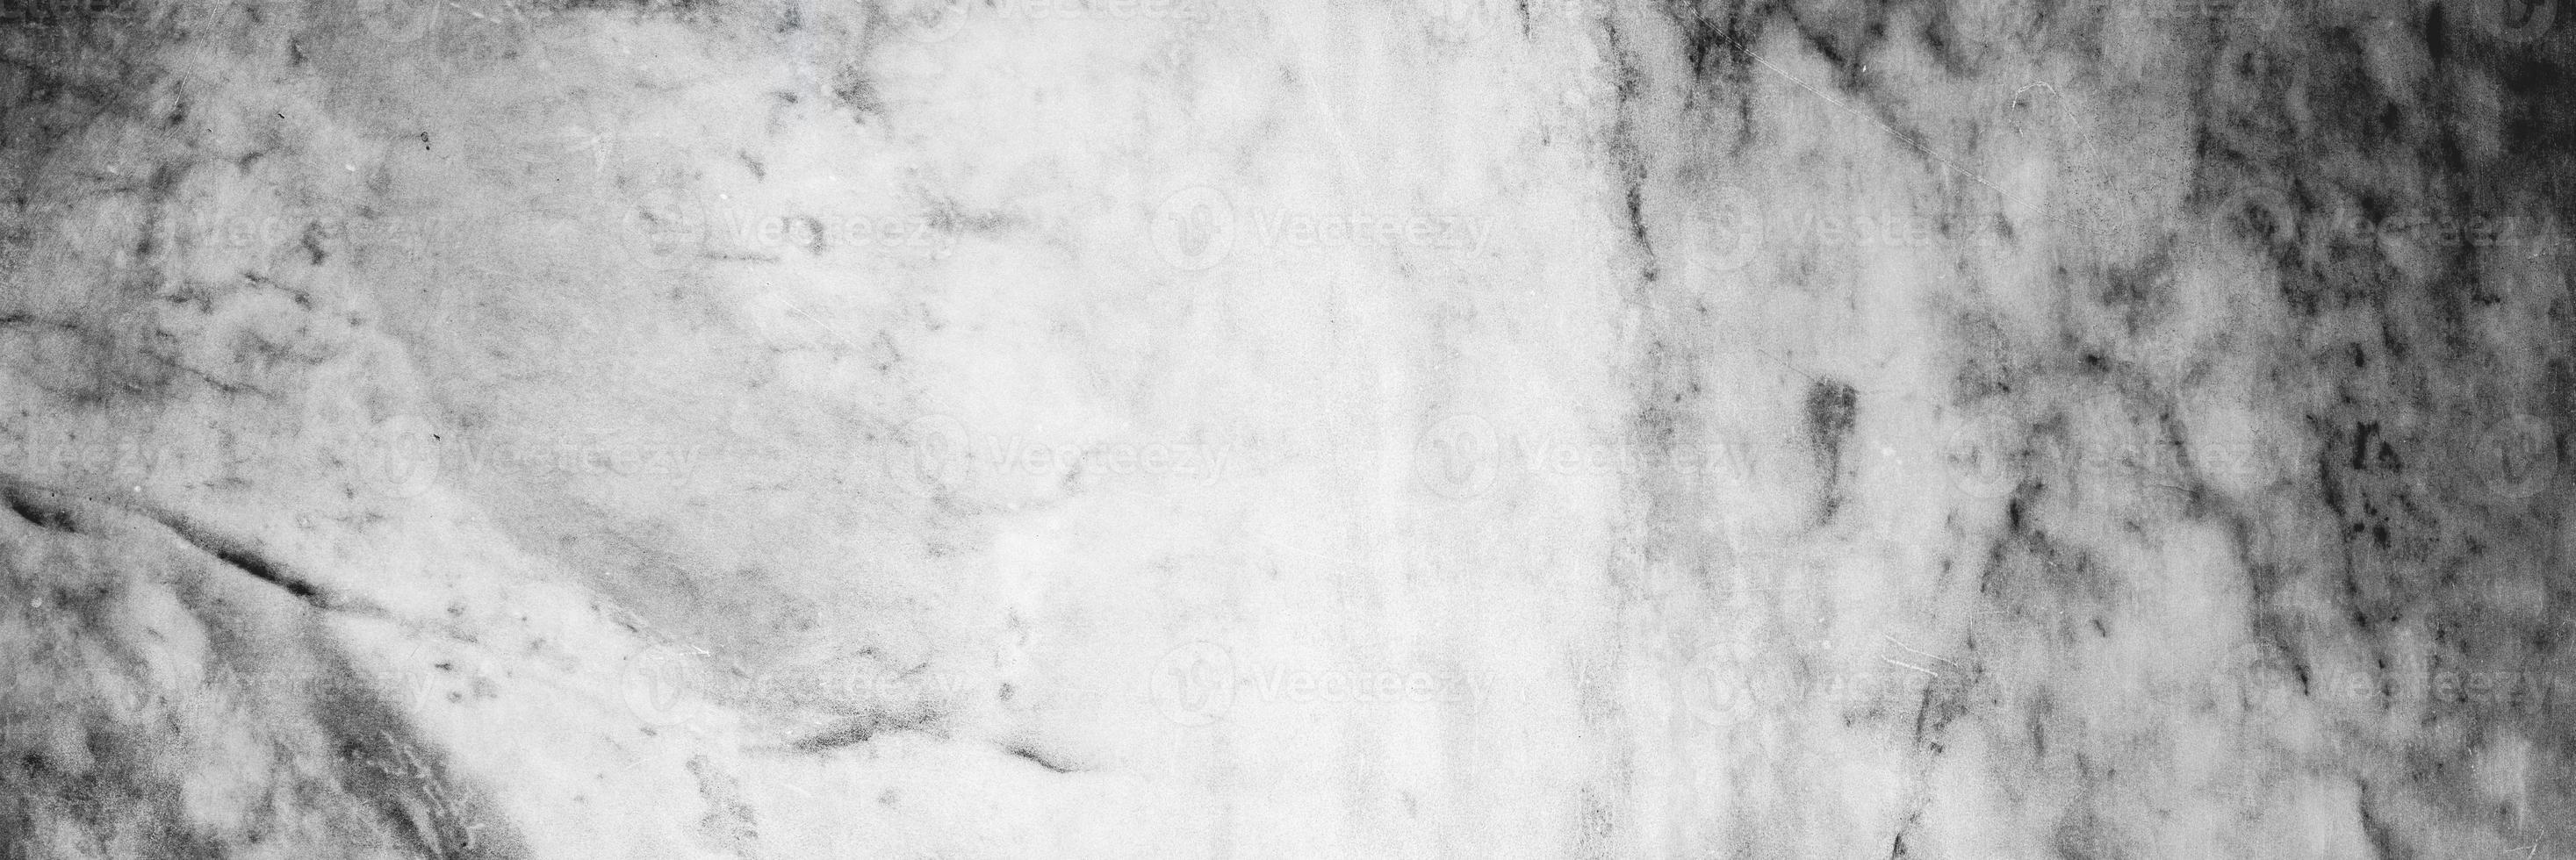 weißer und grauer Marmor für Hintergrund oder Textur foto